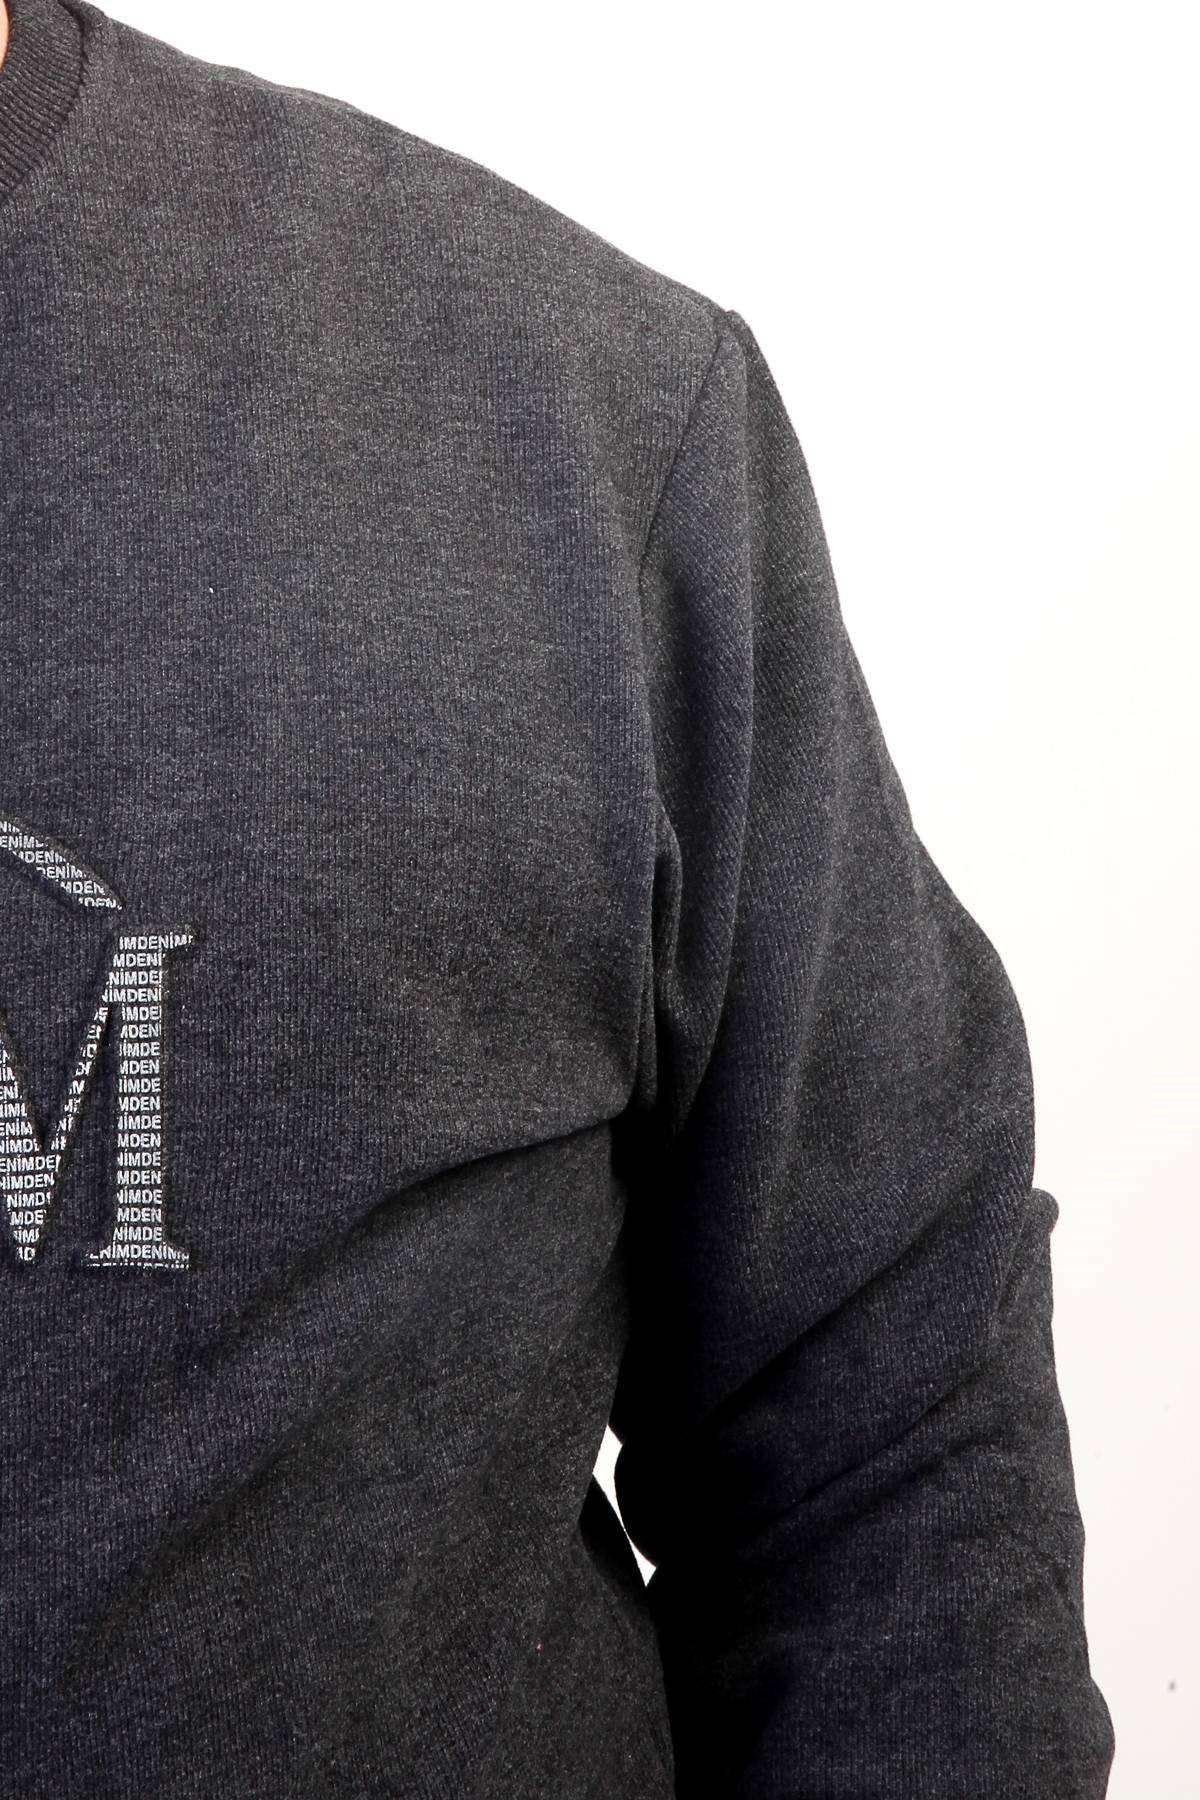 Önü Yazılı Bisiklet Yaka Selanik Süper Battal Sweatshirt Antrasit